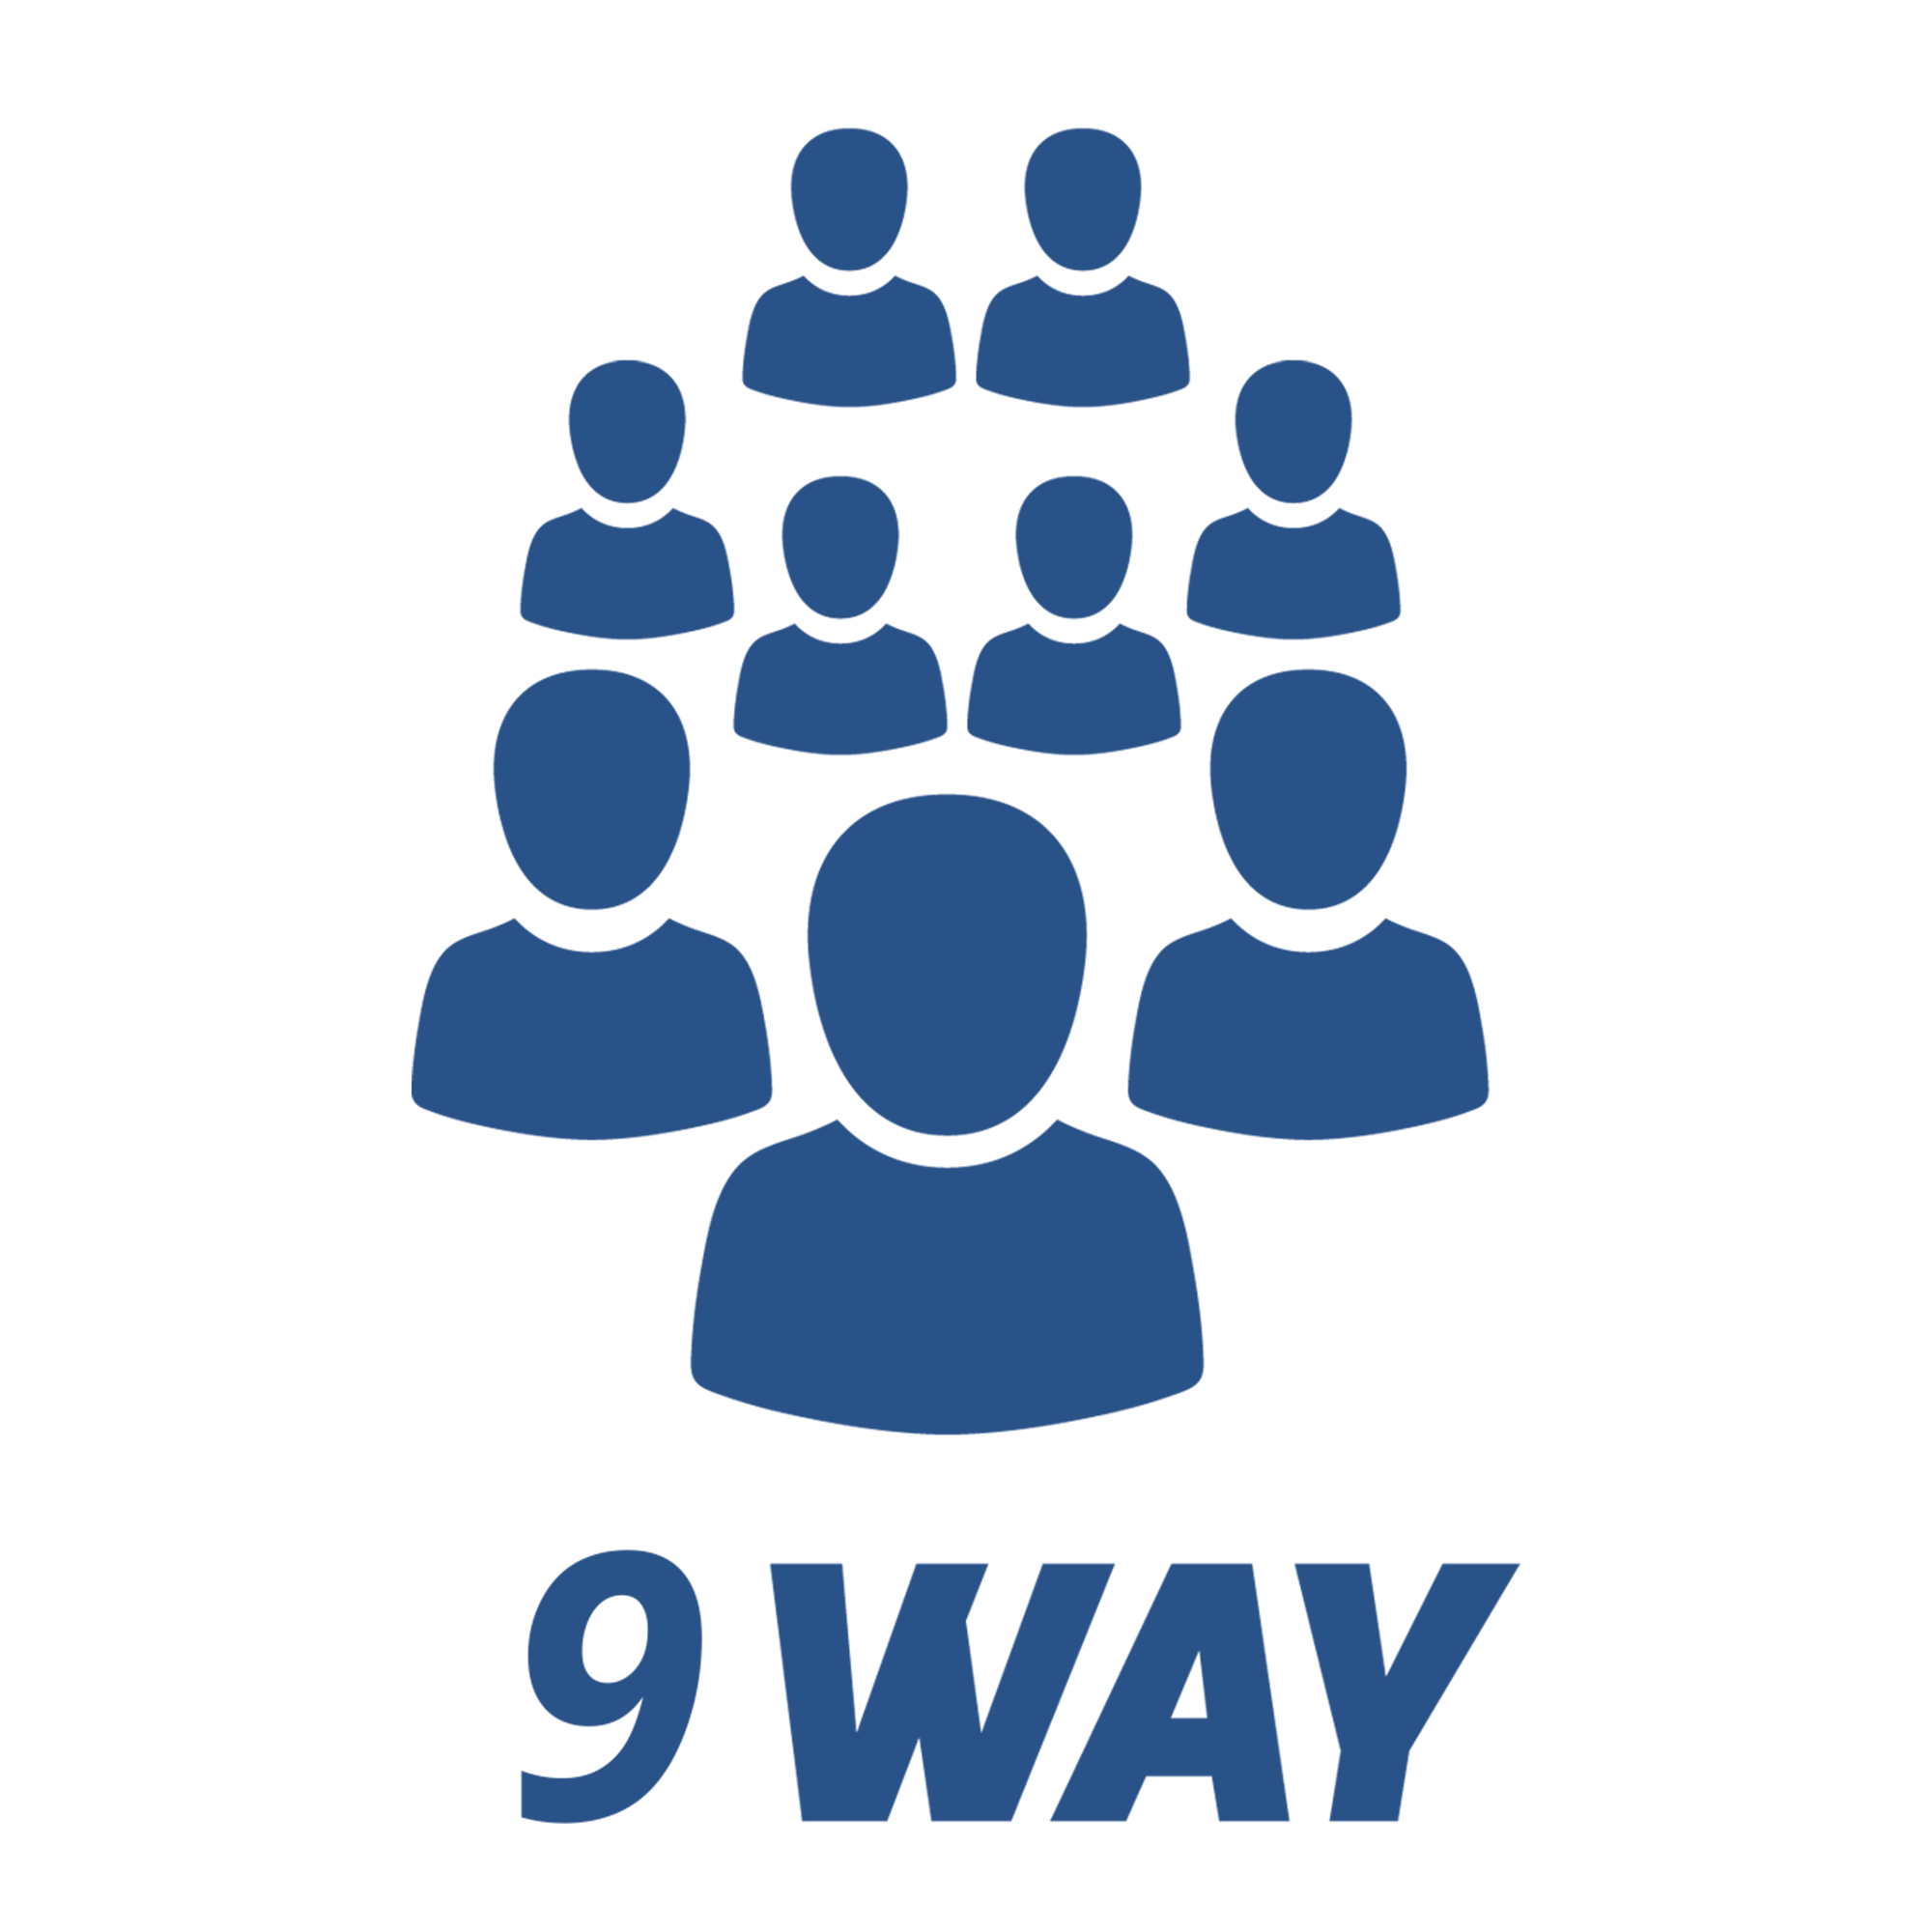 9-Way Conferencing